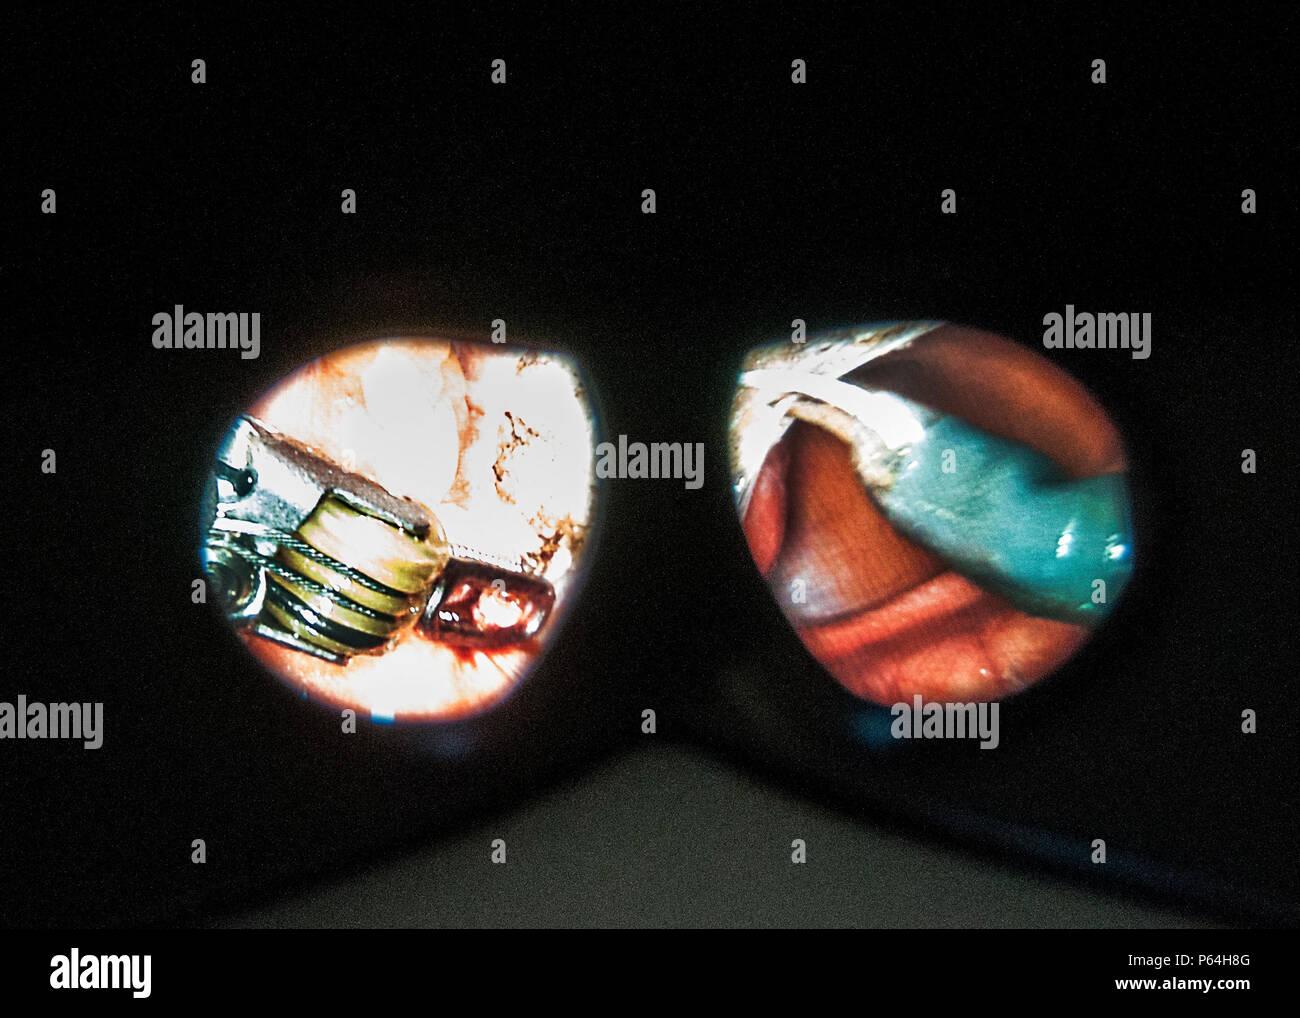 Un punto de vista del cirujano a través de un sistema de imagen 3D muestra la articulación de instrumentos durante una cirugía usando la última state-of-the-art Robotic Surgical System en el William Beaumont Army Medical Center, el 2 de mayo. William Beaumont Army Medical Center realizó la primera cirugía robótica en el Departamento de Defensa utilizando el sistema quirúrgico. El cirujano-manipulado sistema permite a los cirujanos operar con la articulación de instrumentos que se doblan y giran mucho mayor que la muñeca humana a través de una incisión más pequeña que un centímetro. Foto de stock